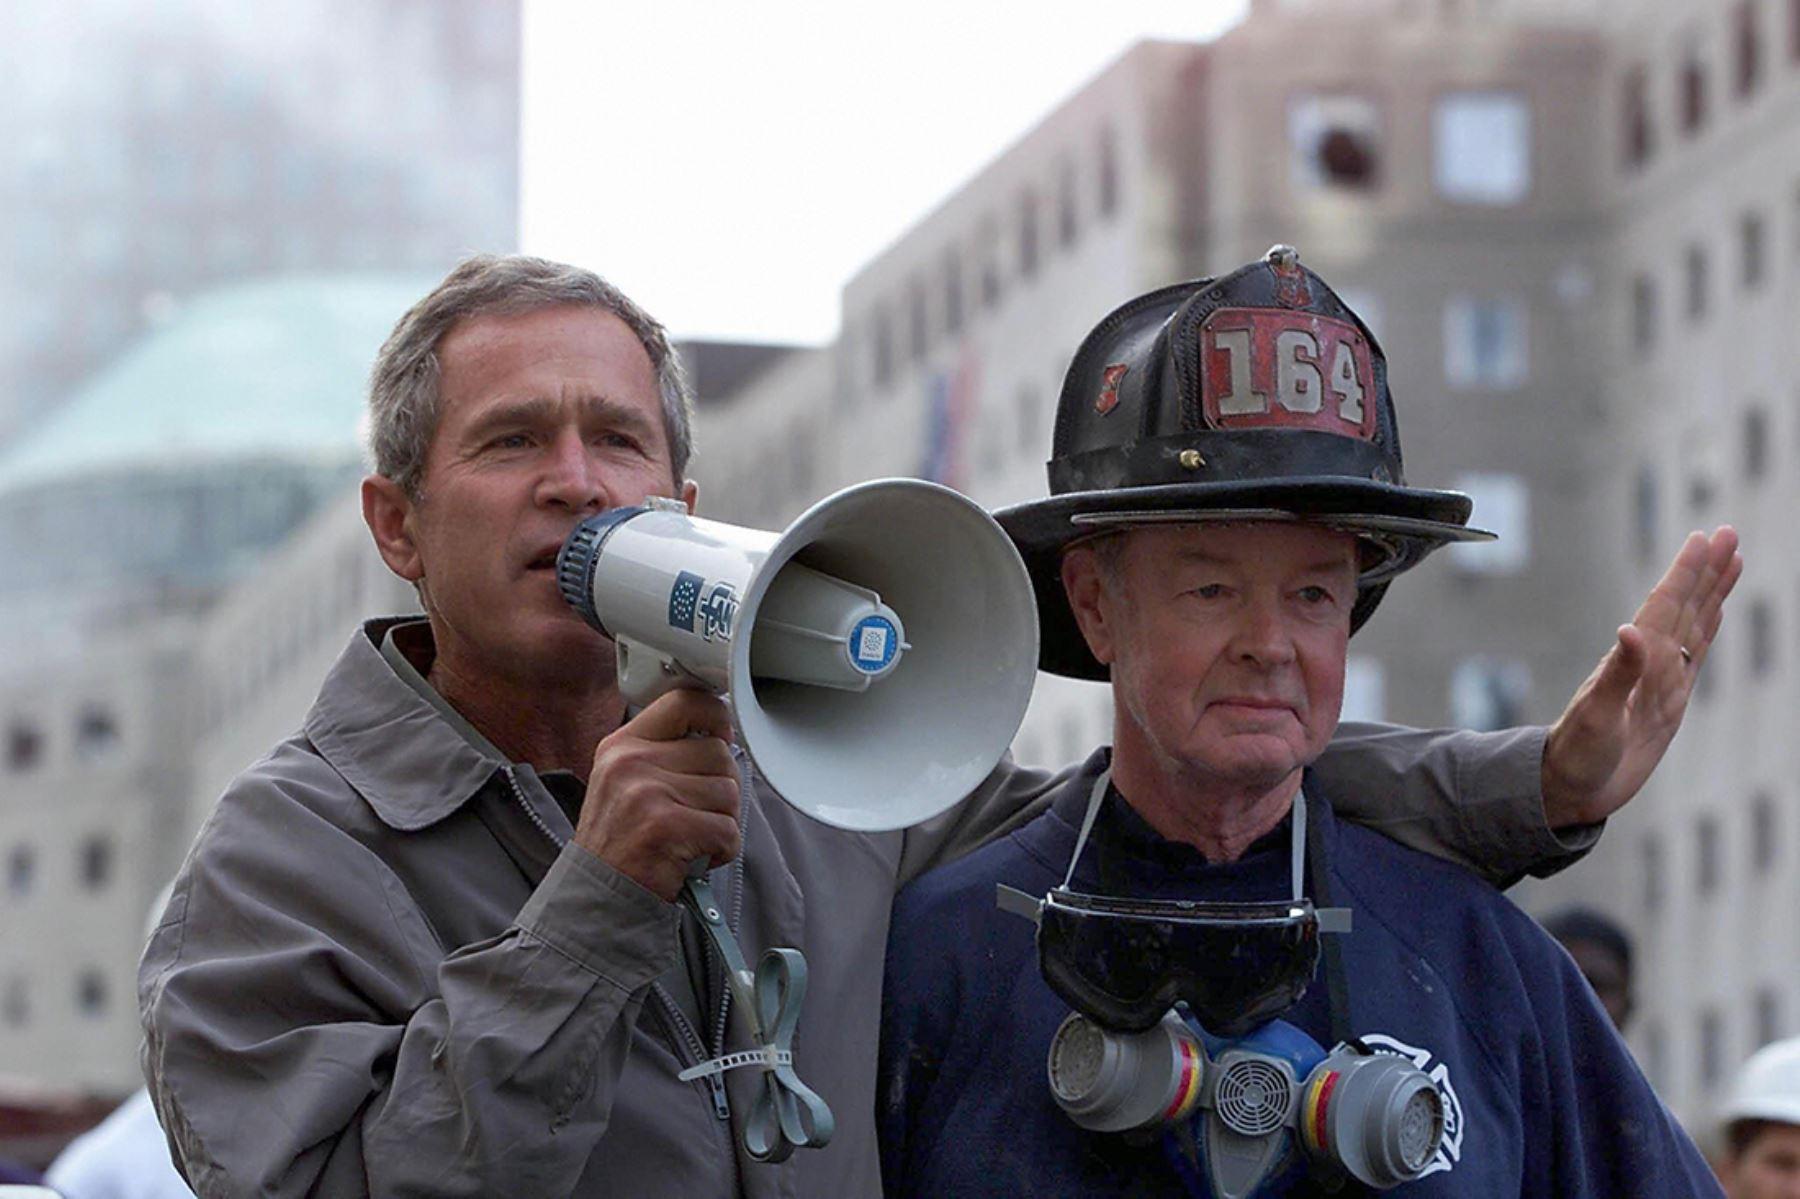 El presidente estadounidense George W. Bush (L), junto al bombero jubilado Bob Beckwith, de 69 años, habla con voluntarios y bomberos mientras examina el daño en el sitio del World Trade Center en Nueva York el de septiembre de 2001. Foto: AFP